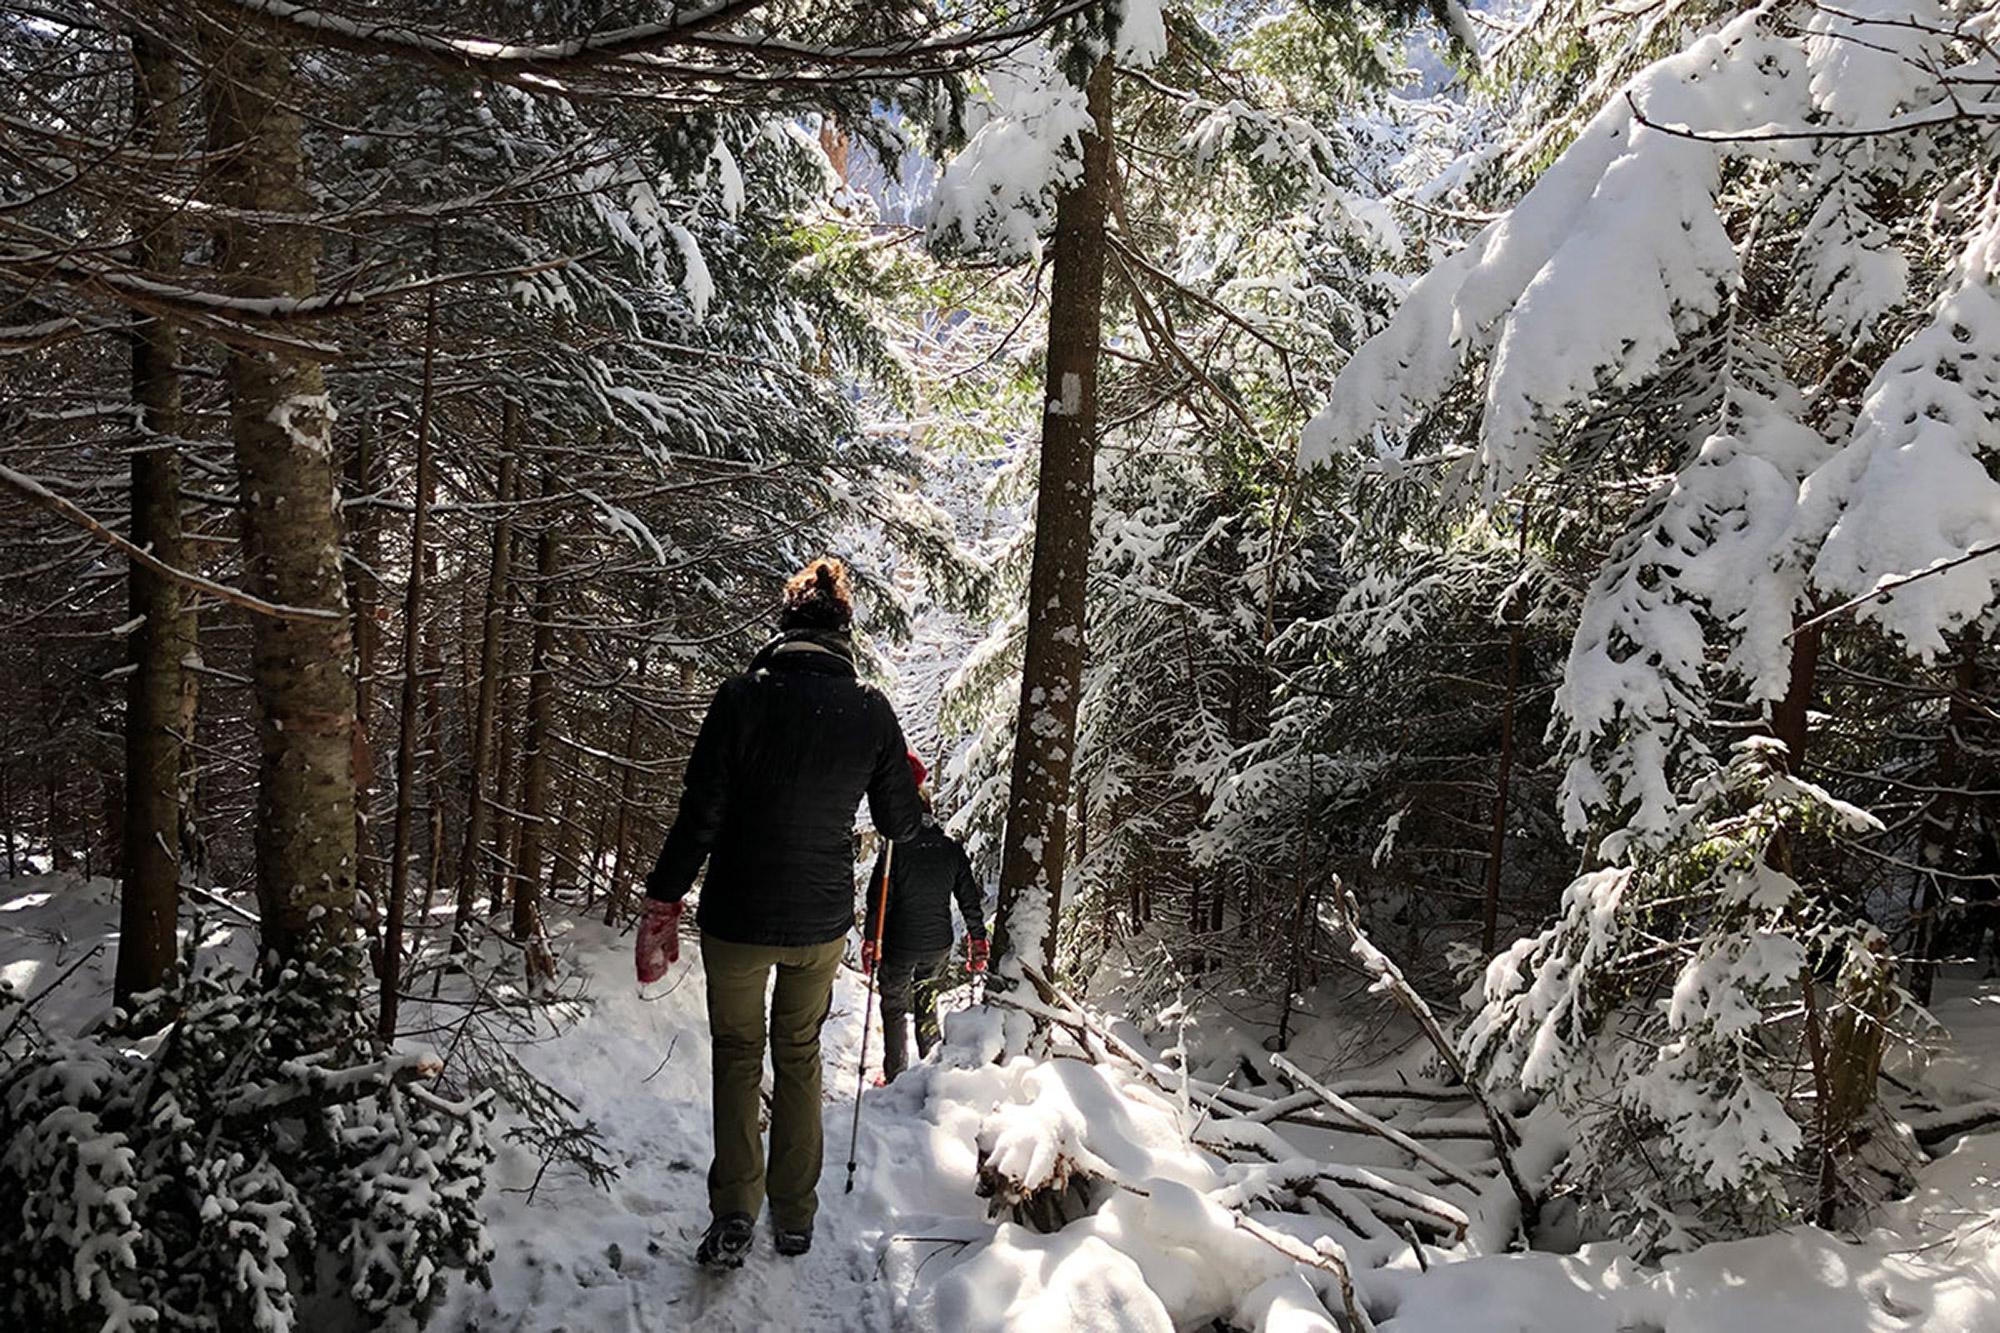 Descending the Long Trail into App Gap   Credit: John Lepak